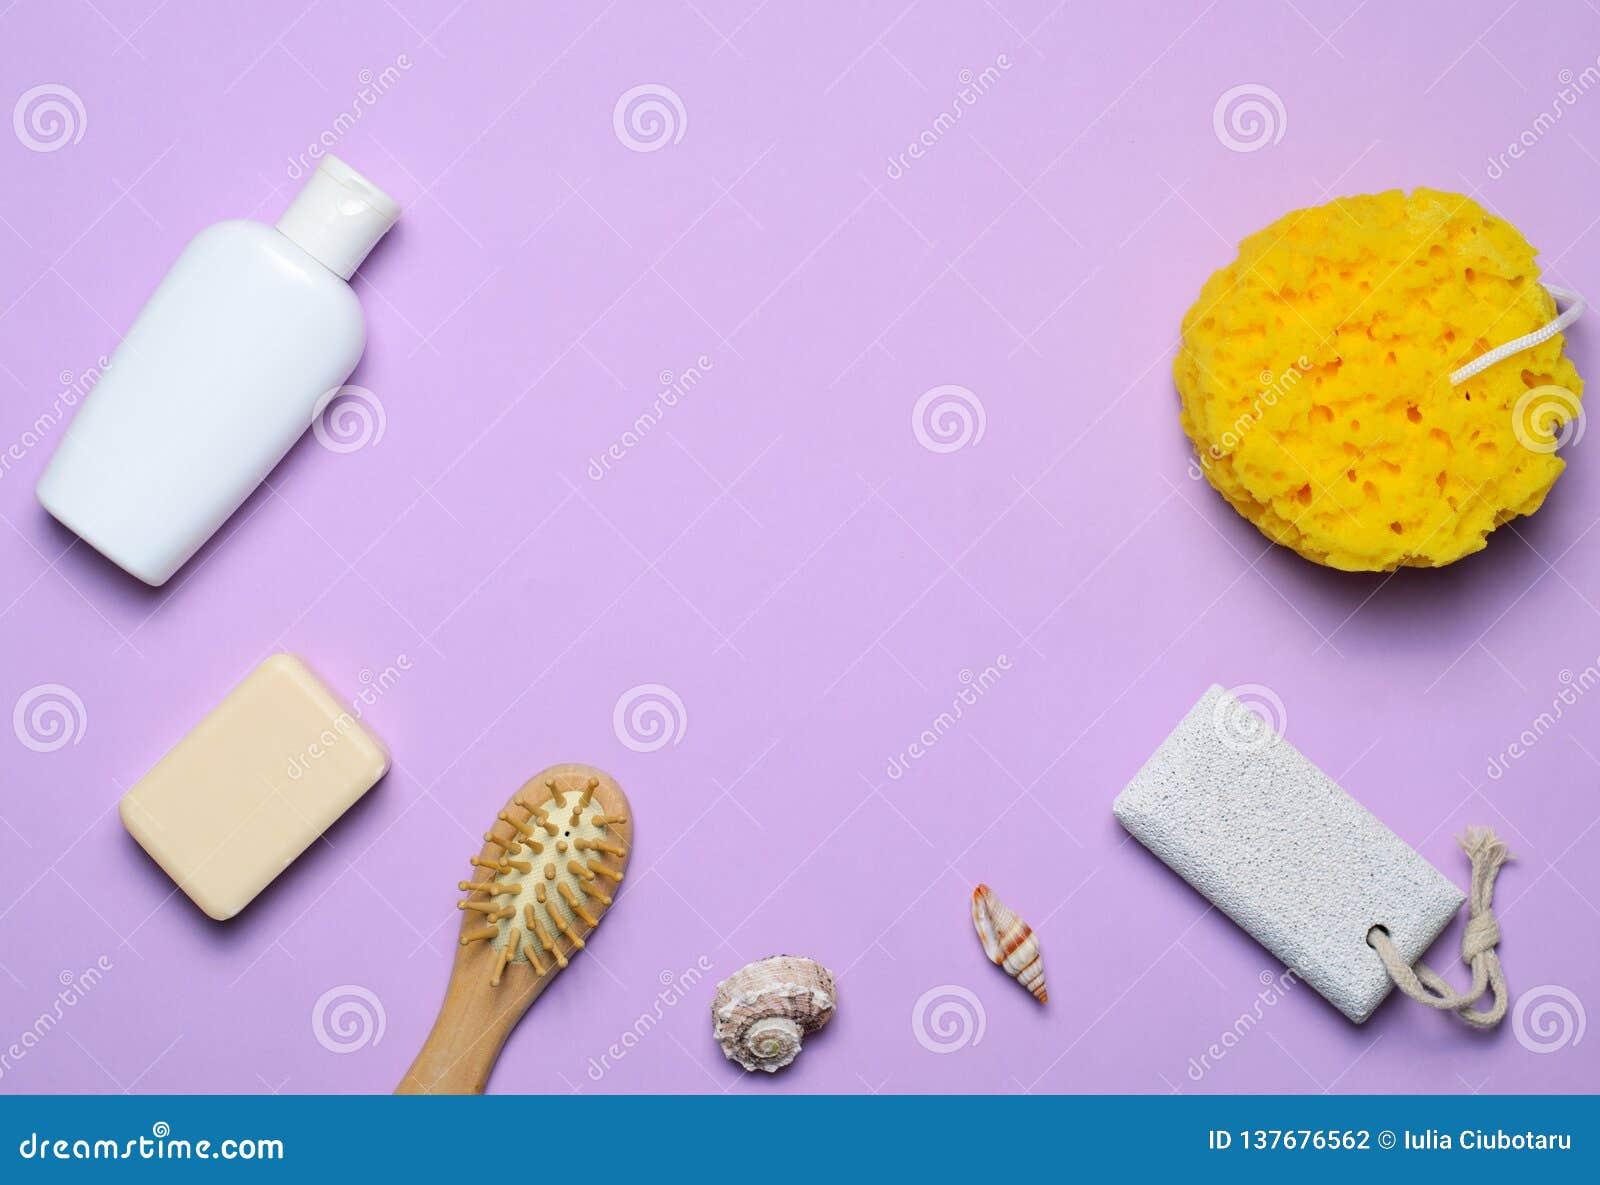 Gel de concept, d éponge, de shampooing ou de douche d articles de Bath, brosse de cheveux, pierre ponce, vue supérieure